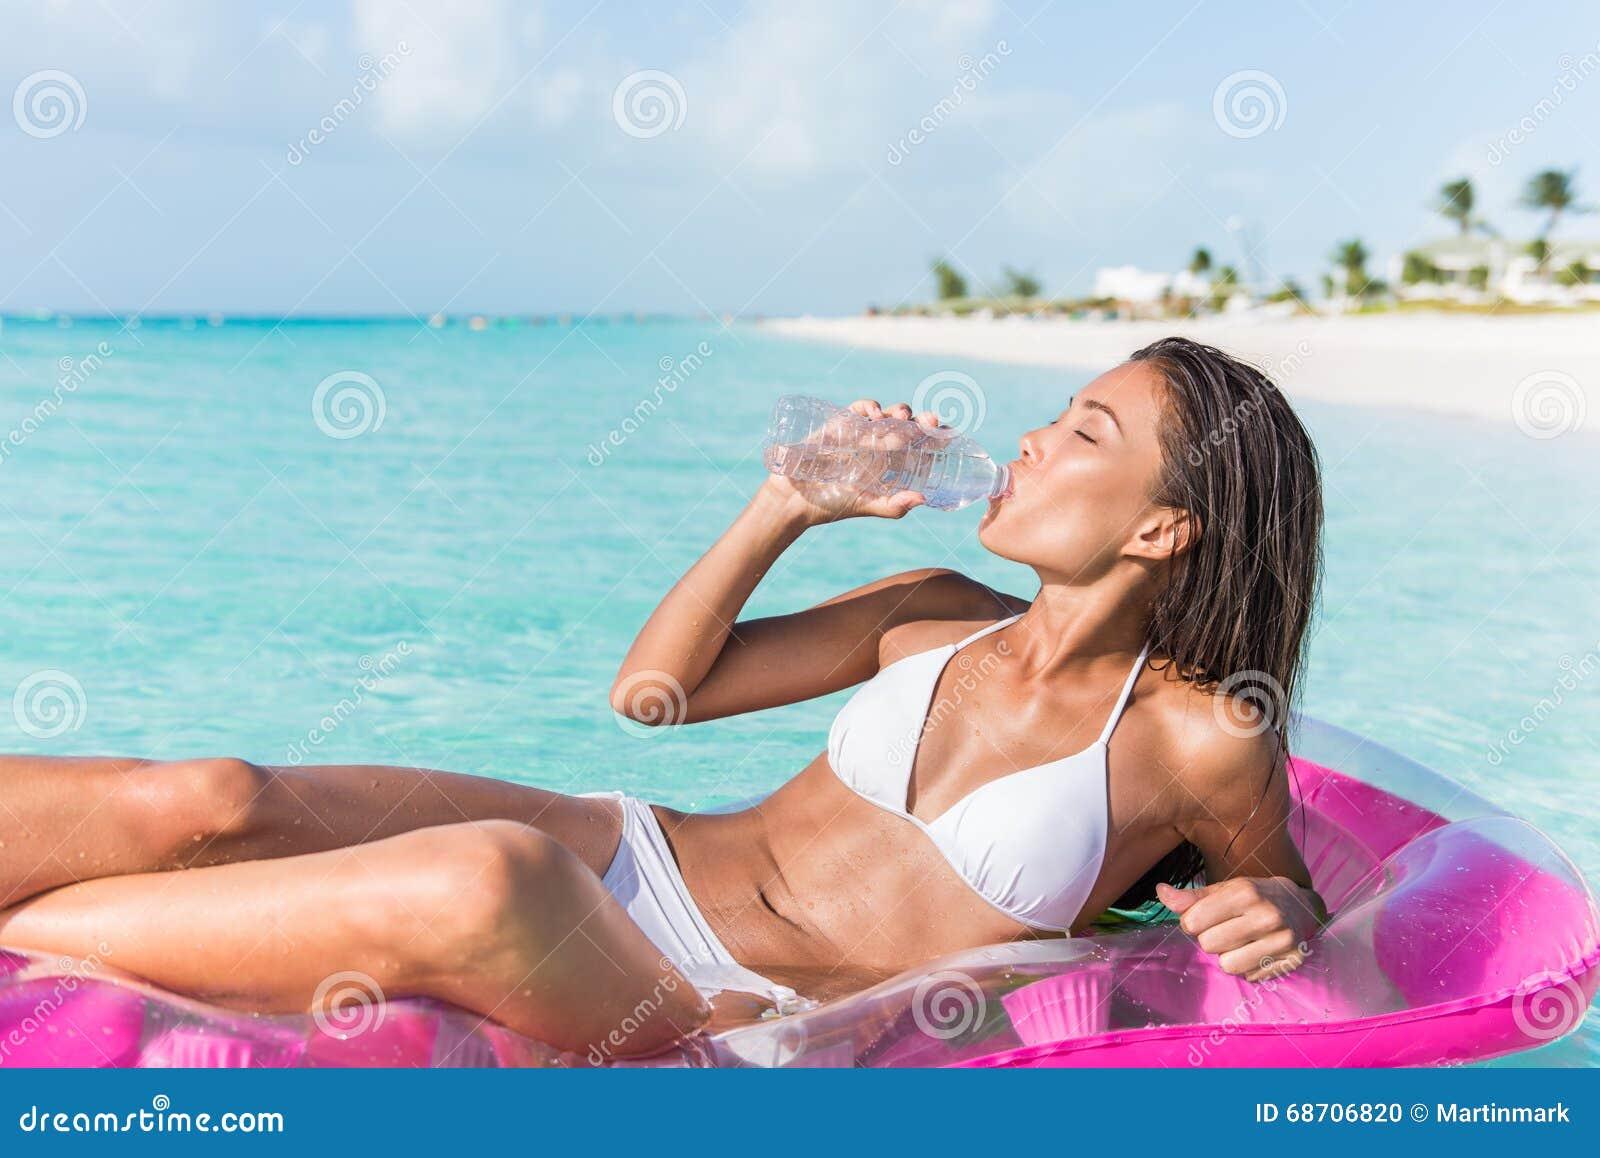 Acqua potabile della donna della spiaggia sulla vacanza caraibica